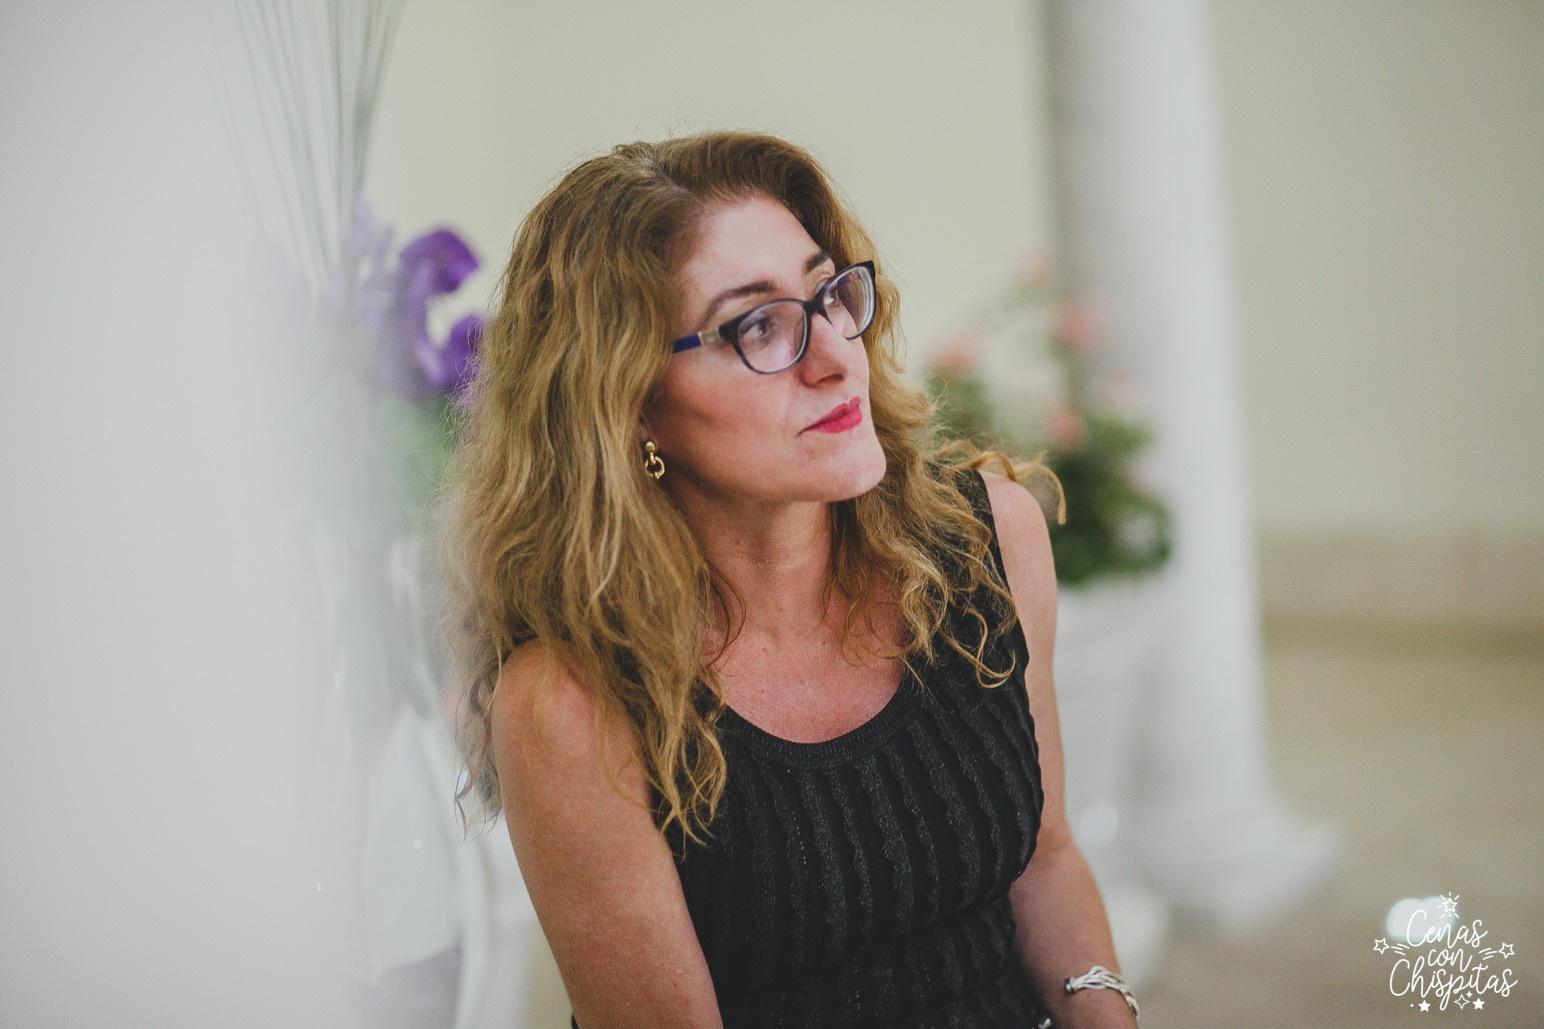 Lourdes Moreno